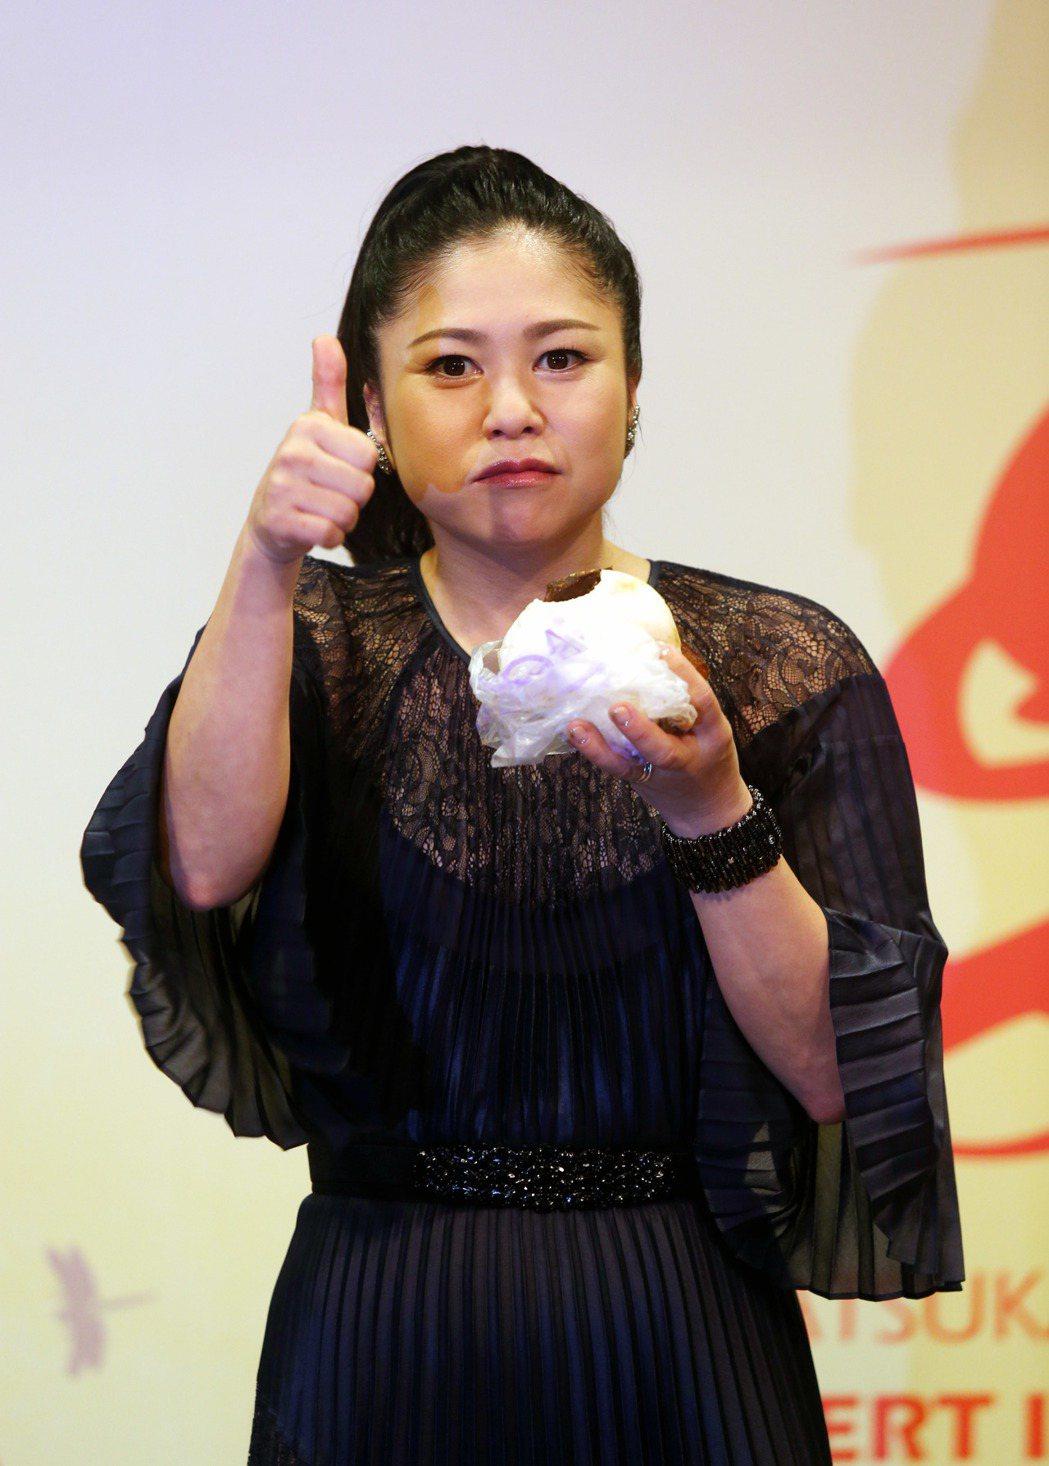 夏川里美在造勢記者會中,面對鏡頭前大口吃美食,還比了個讚。記者邱德祥/攝影